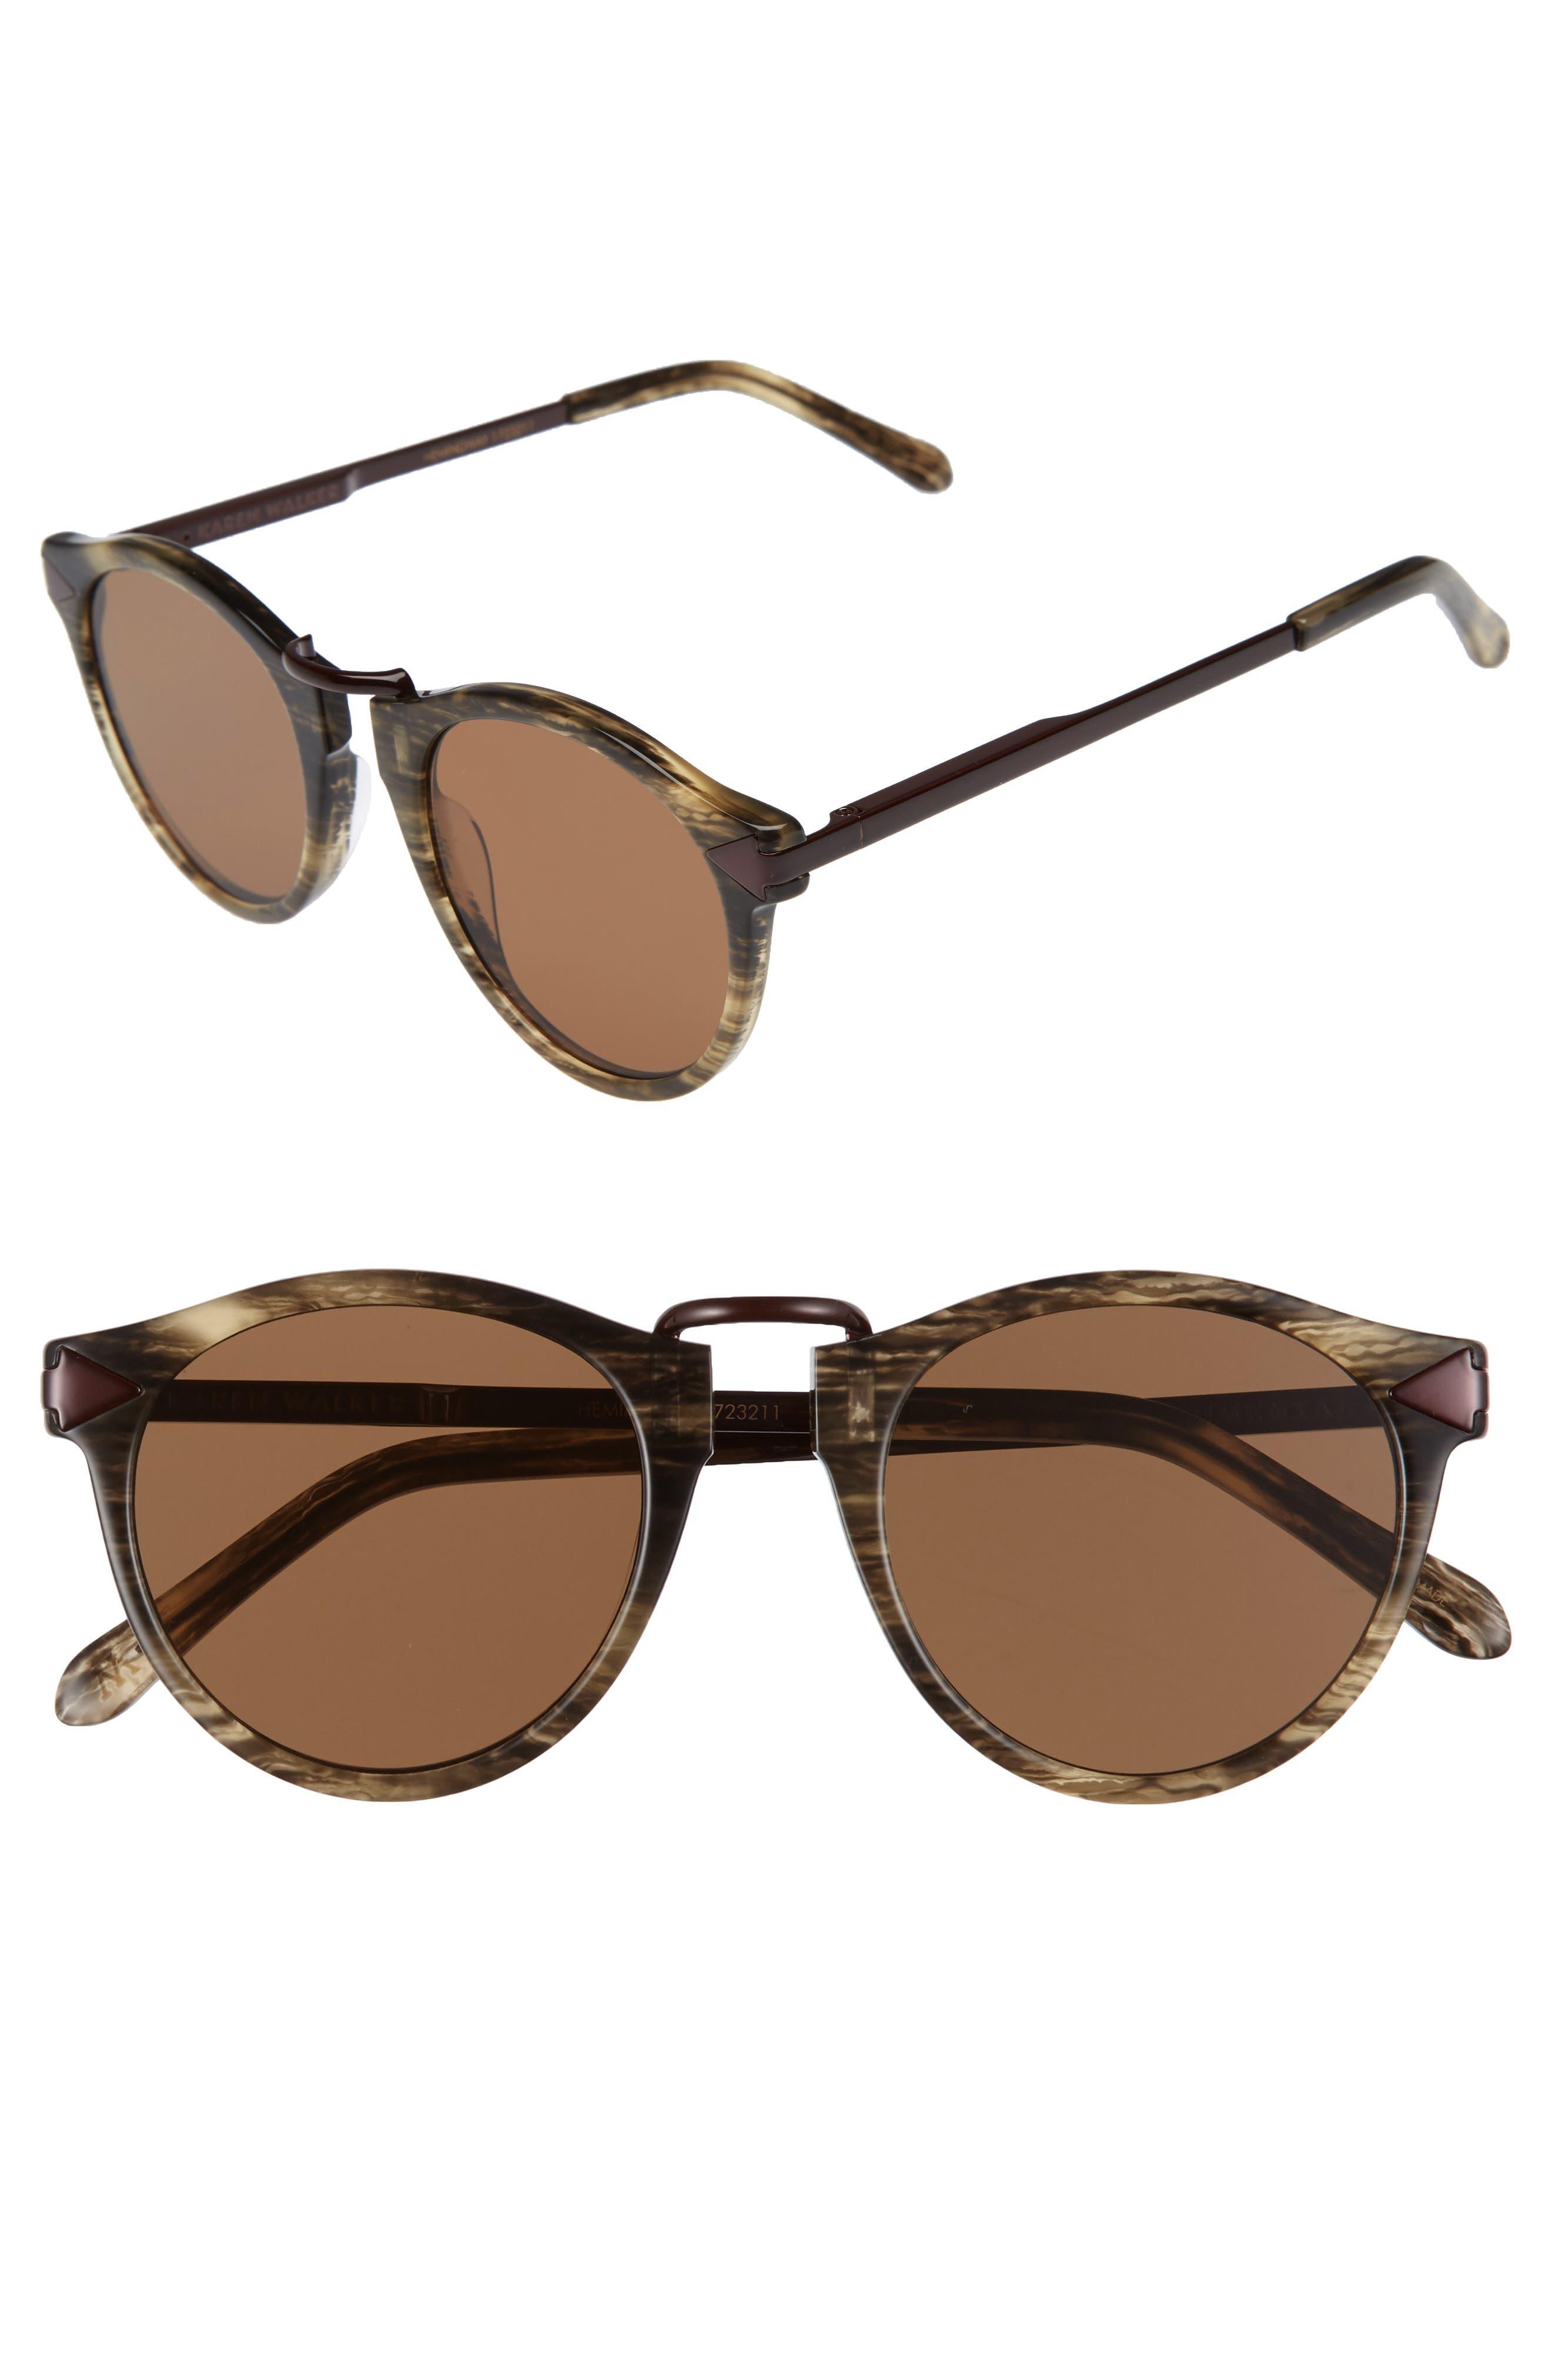 Karen Walker x Monumental 49mm Polarized Sunglasses